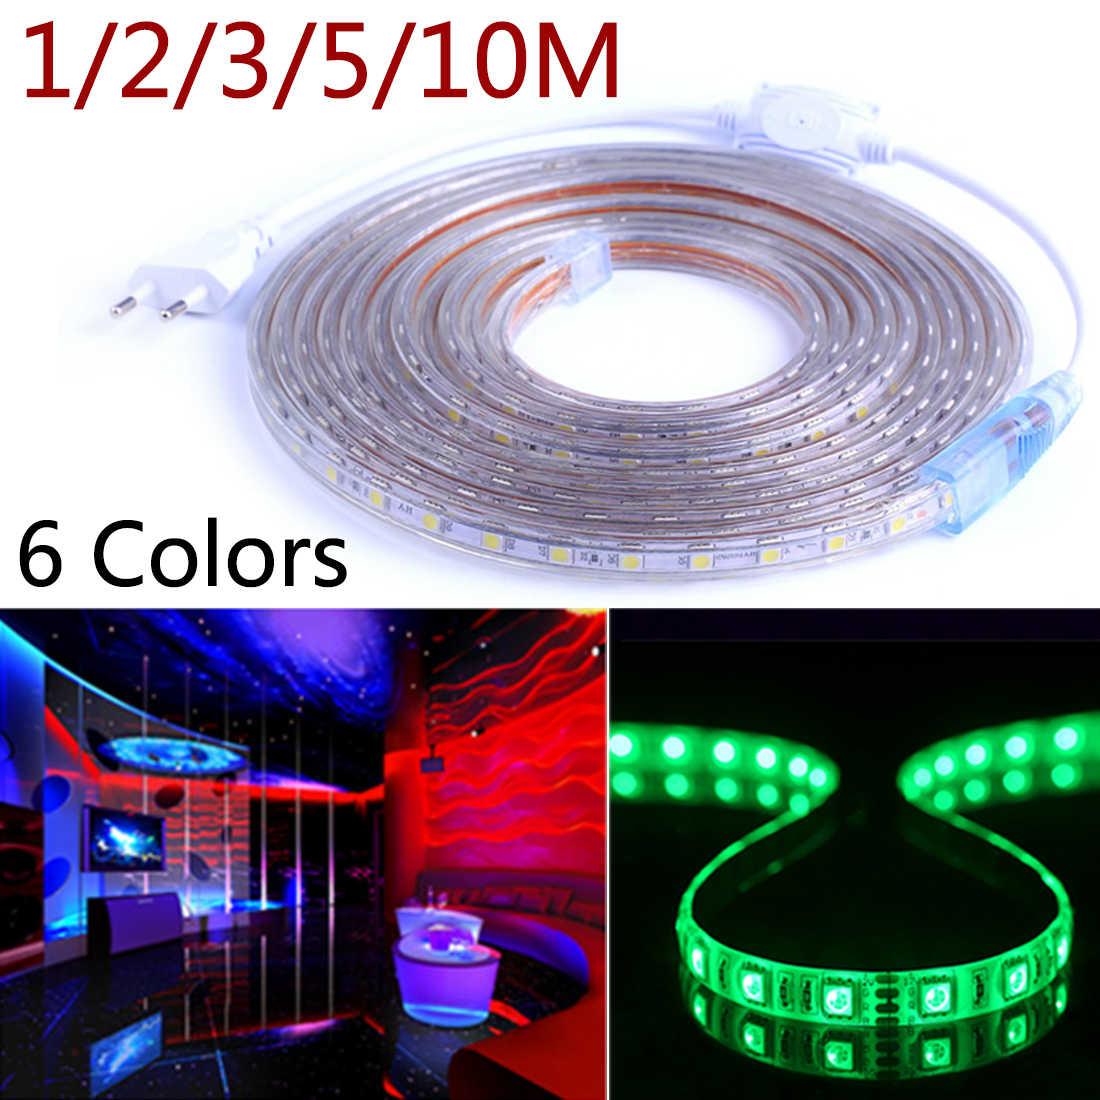 Taśmy LED 5050 AC220V 60 diod LED/m 1/2/3/5/10 M elastyczne LED światła RGB RGBW 5050 taśmy LED TV pulpit tła ekranu odchylenie